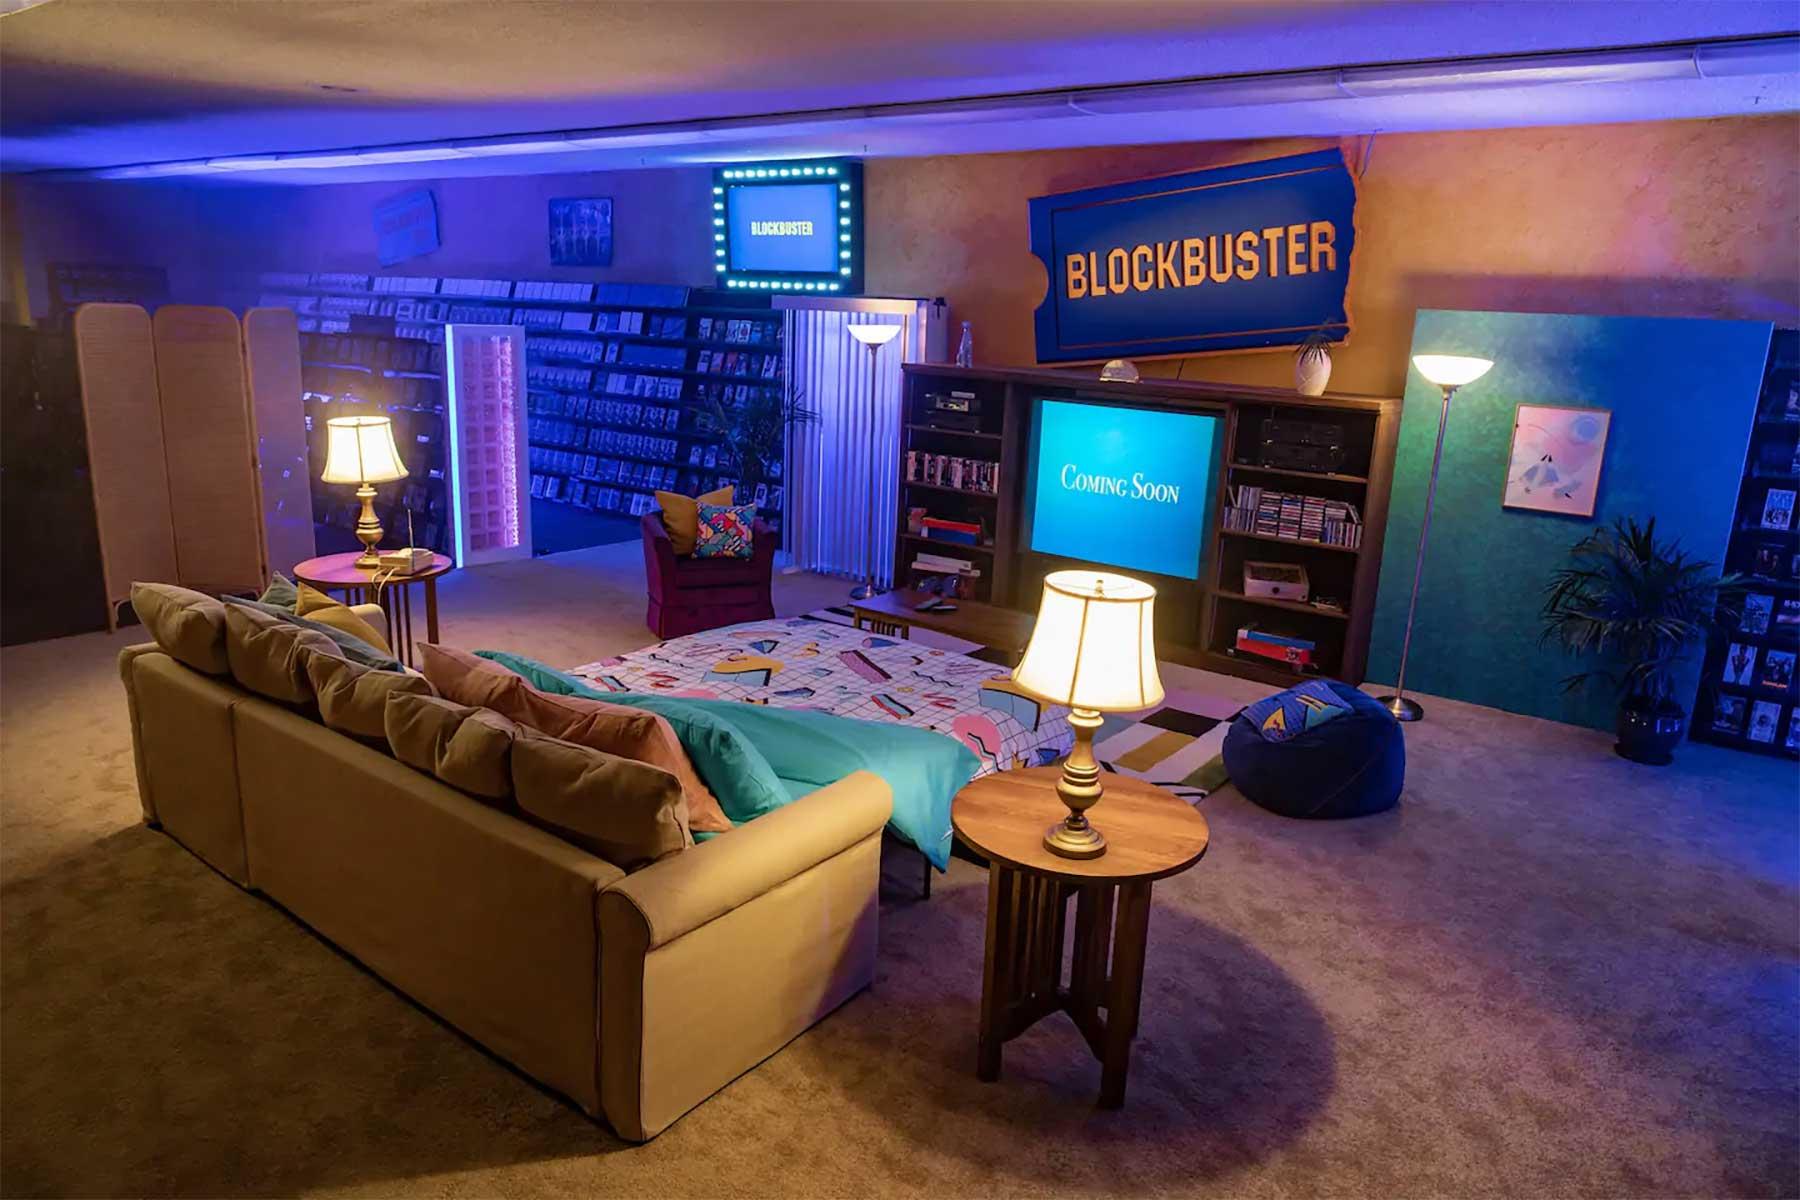 In der letzten Blockbuster-Filiale der Welt per Airbnb übernachten Blockbuster-letzte-filiale-airbnb-uebernachtung_01